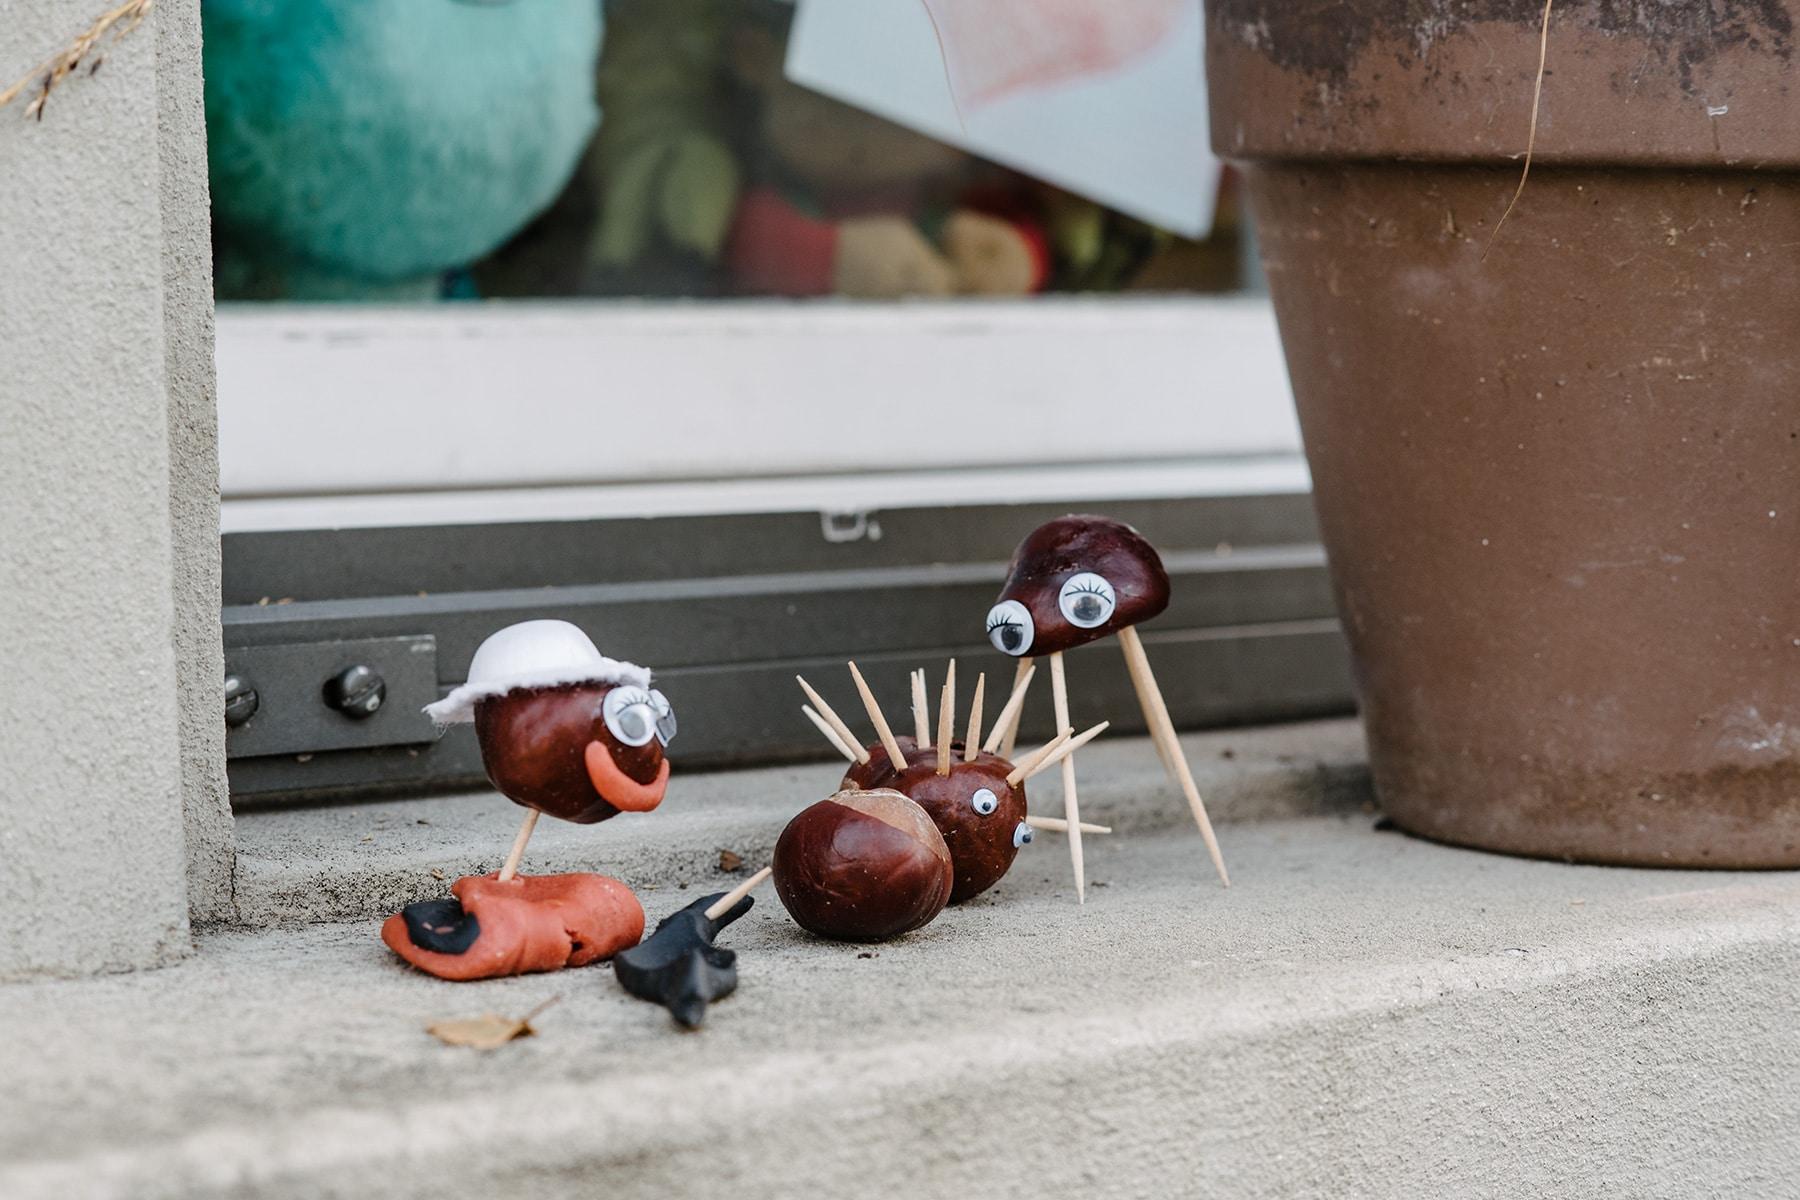 Petits personnages bricolés avec des marrons et de cure-dents, disposés sur le rebord d'une fenêtre